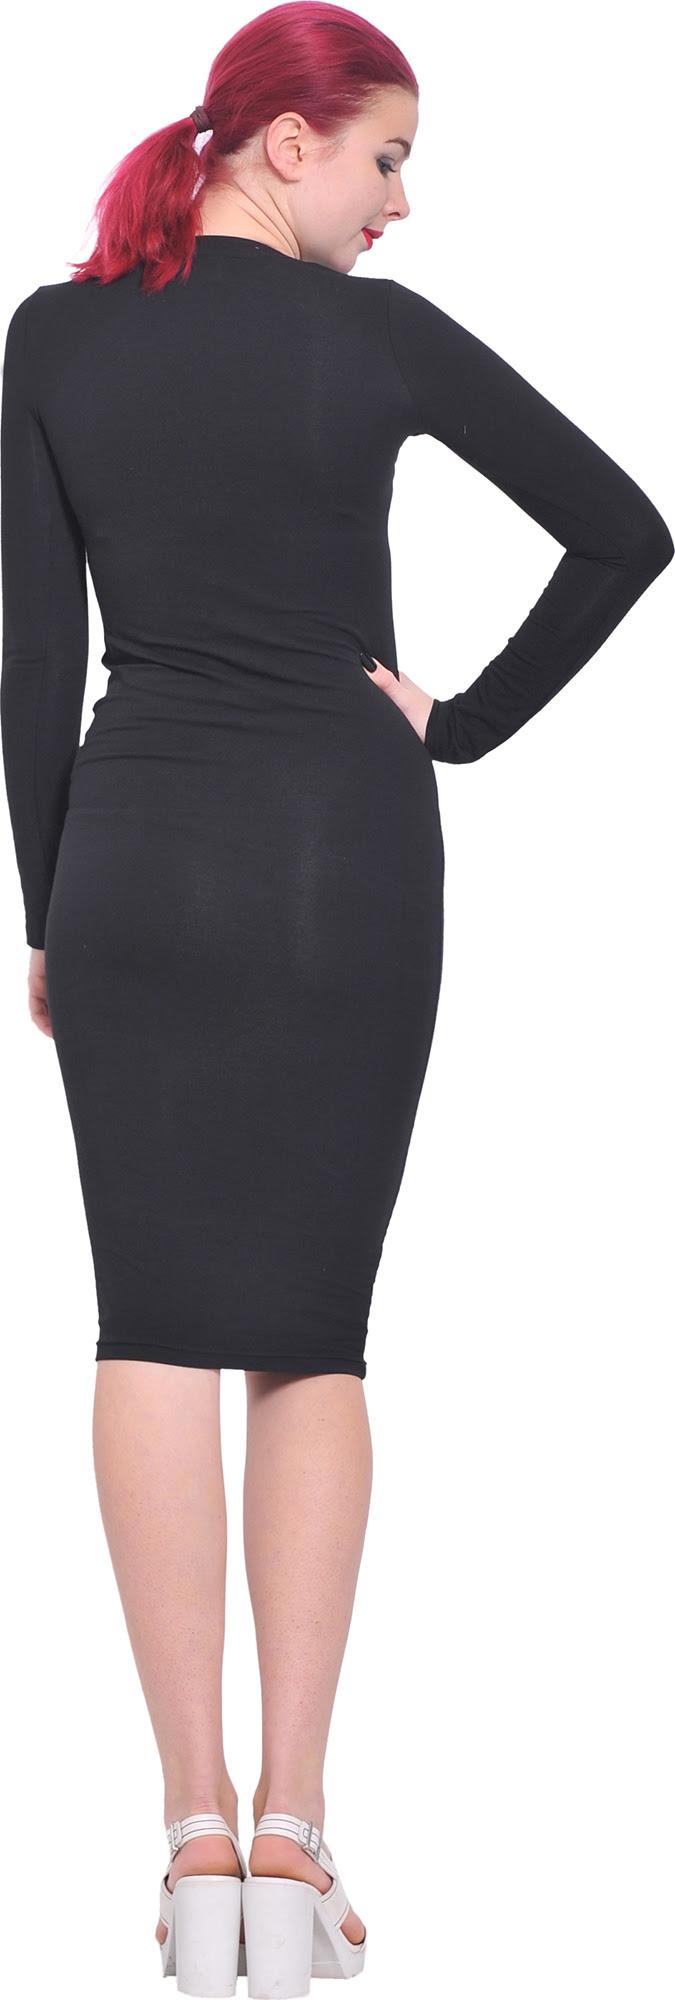 Bodycon length tea size dresses long plus